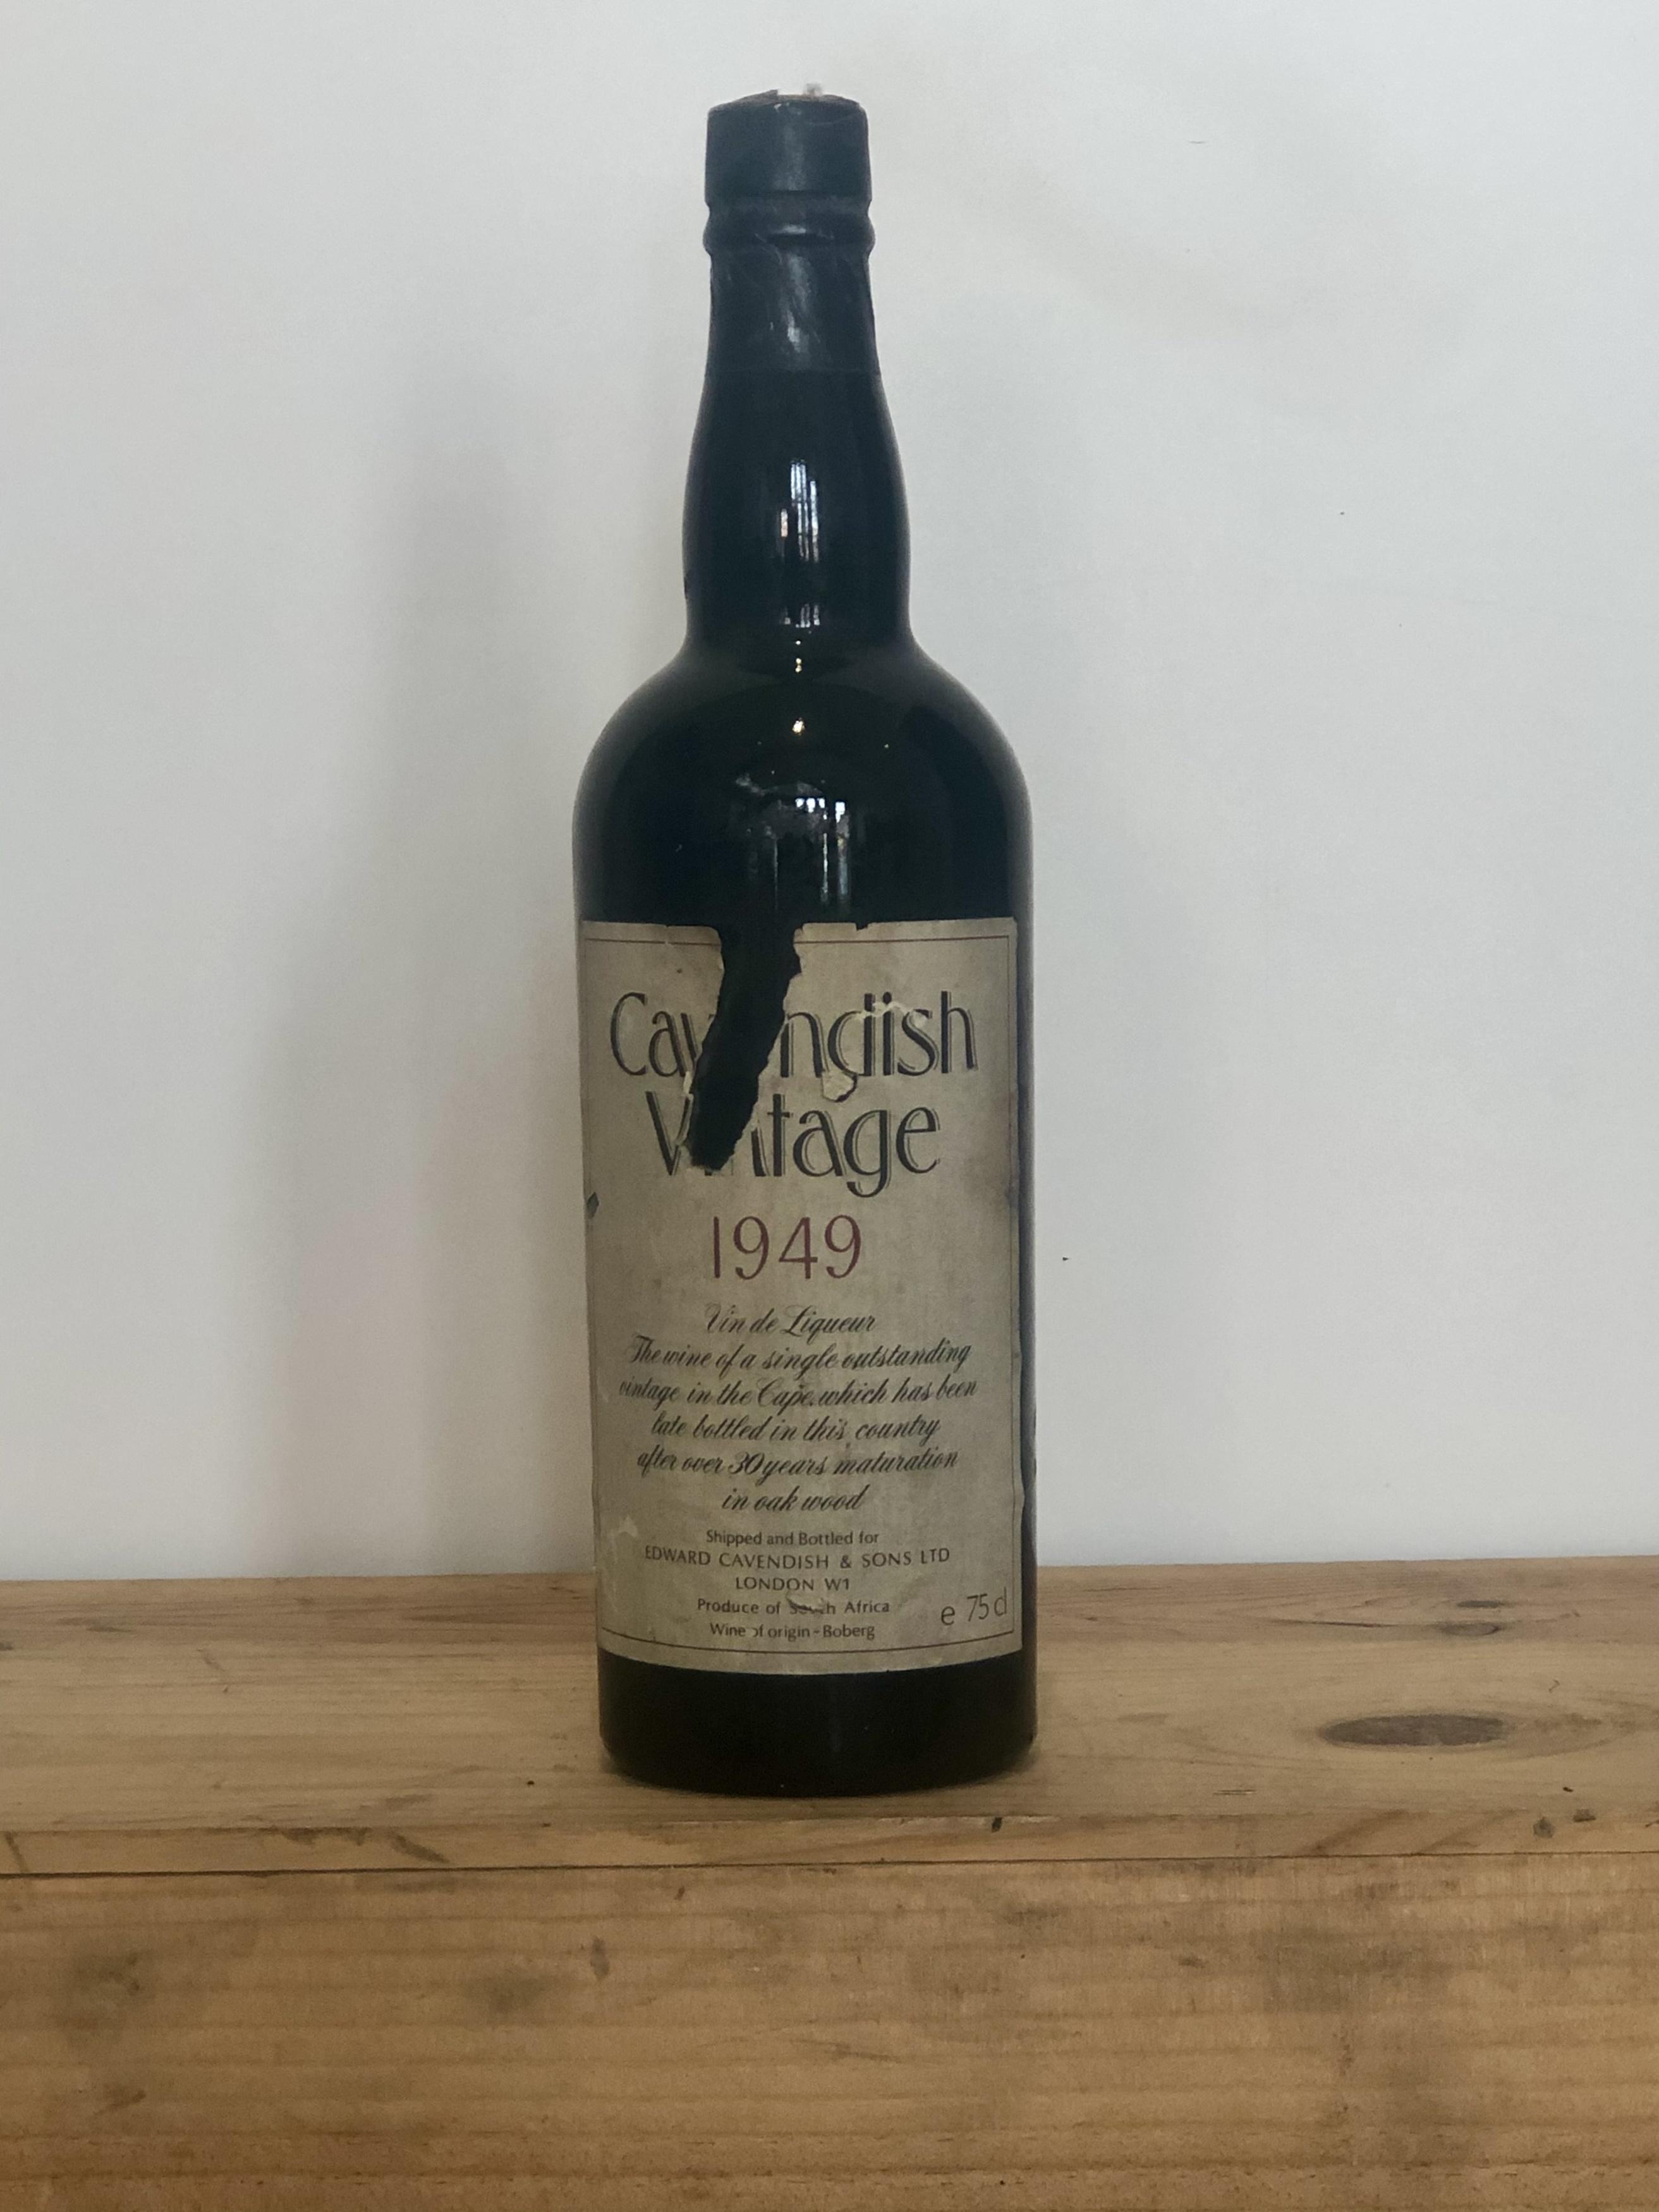 1 Bottle Cavendish S.A. Tawny Vintage 1949